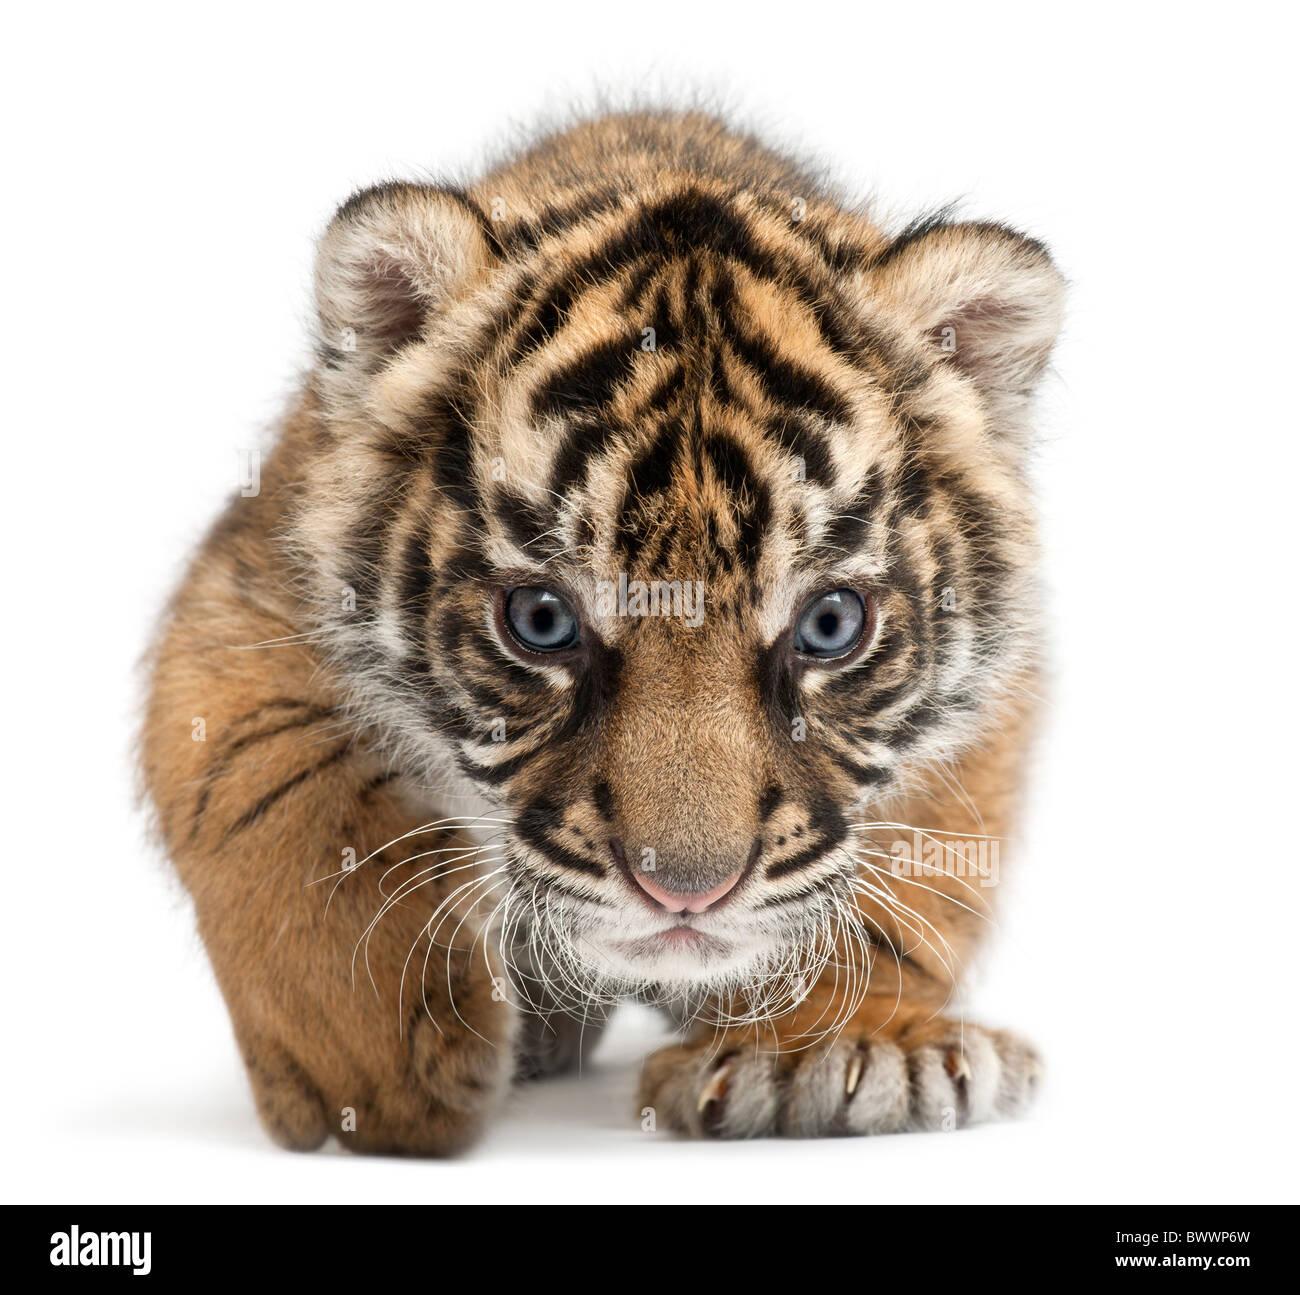 Sumatran Tiger cub, Panthera tigris sumatrae, 3 weeks old, in front of white background - Stock Image